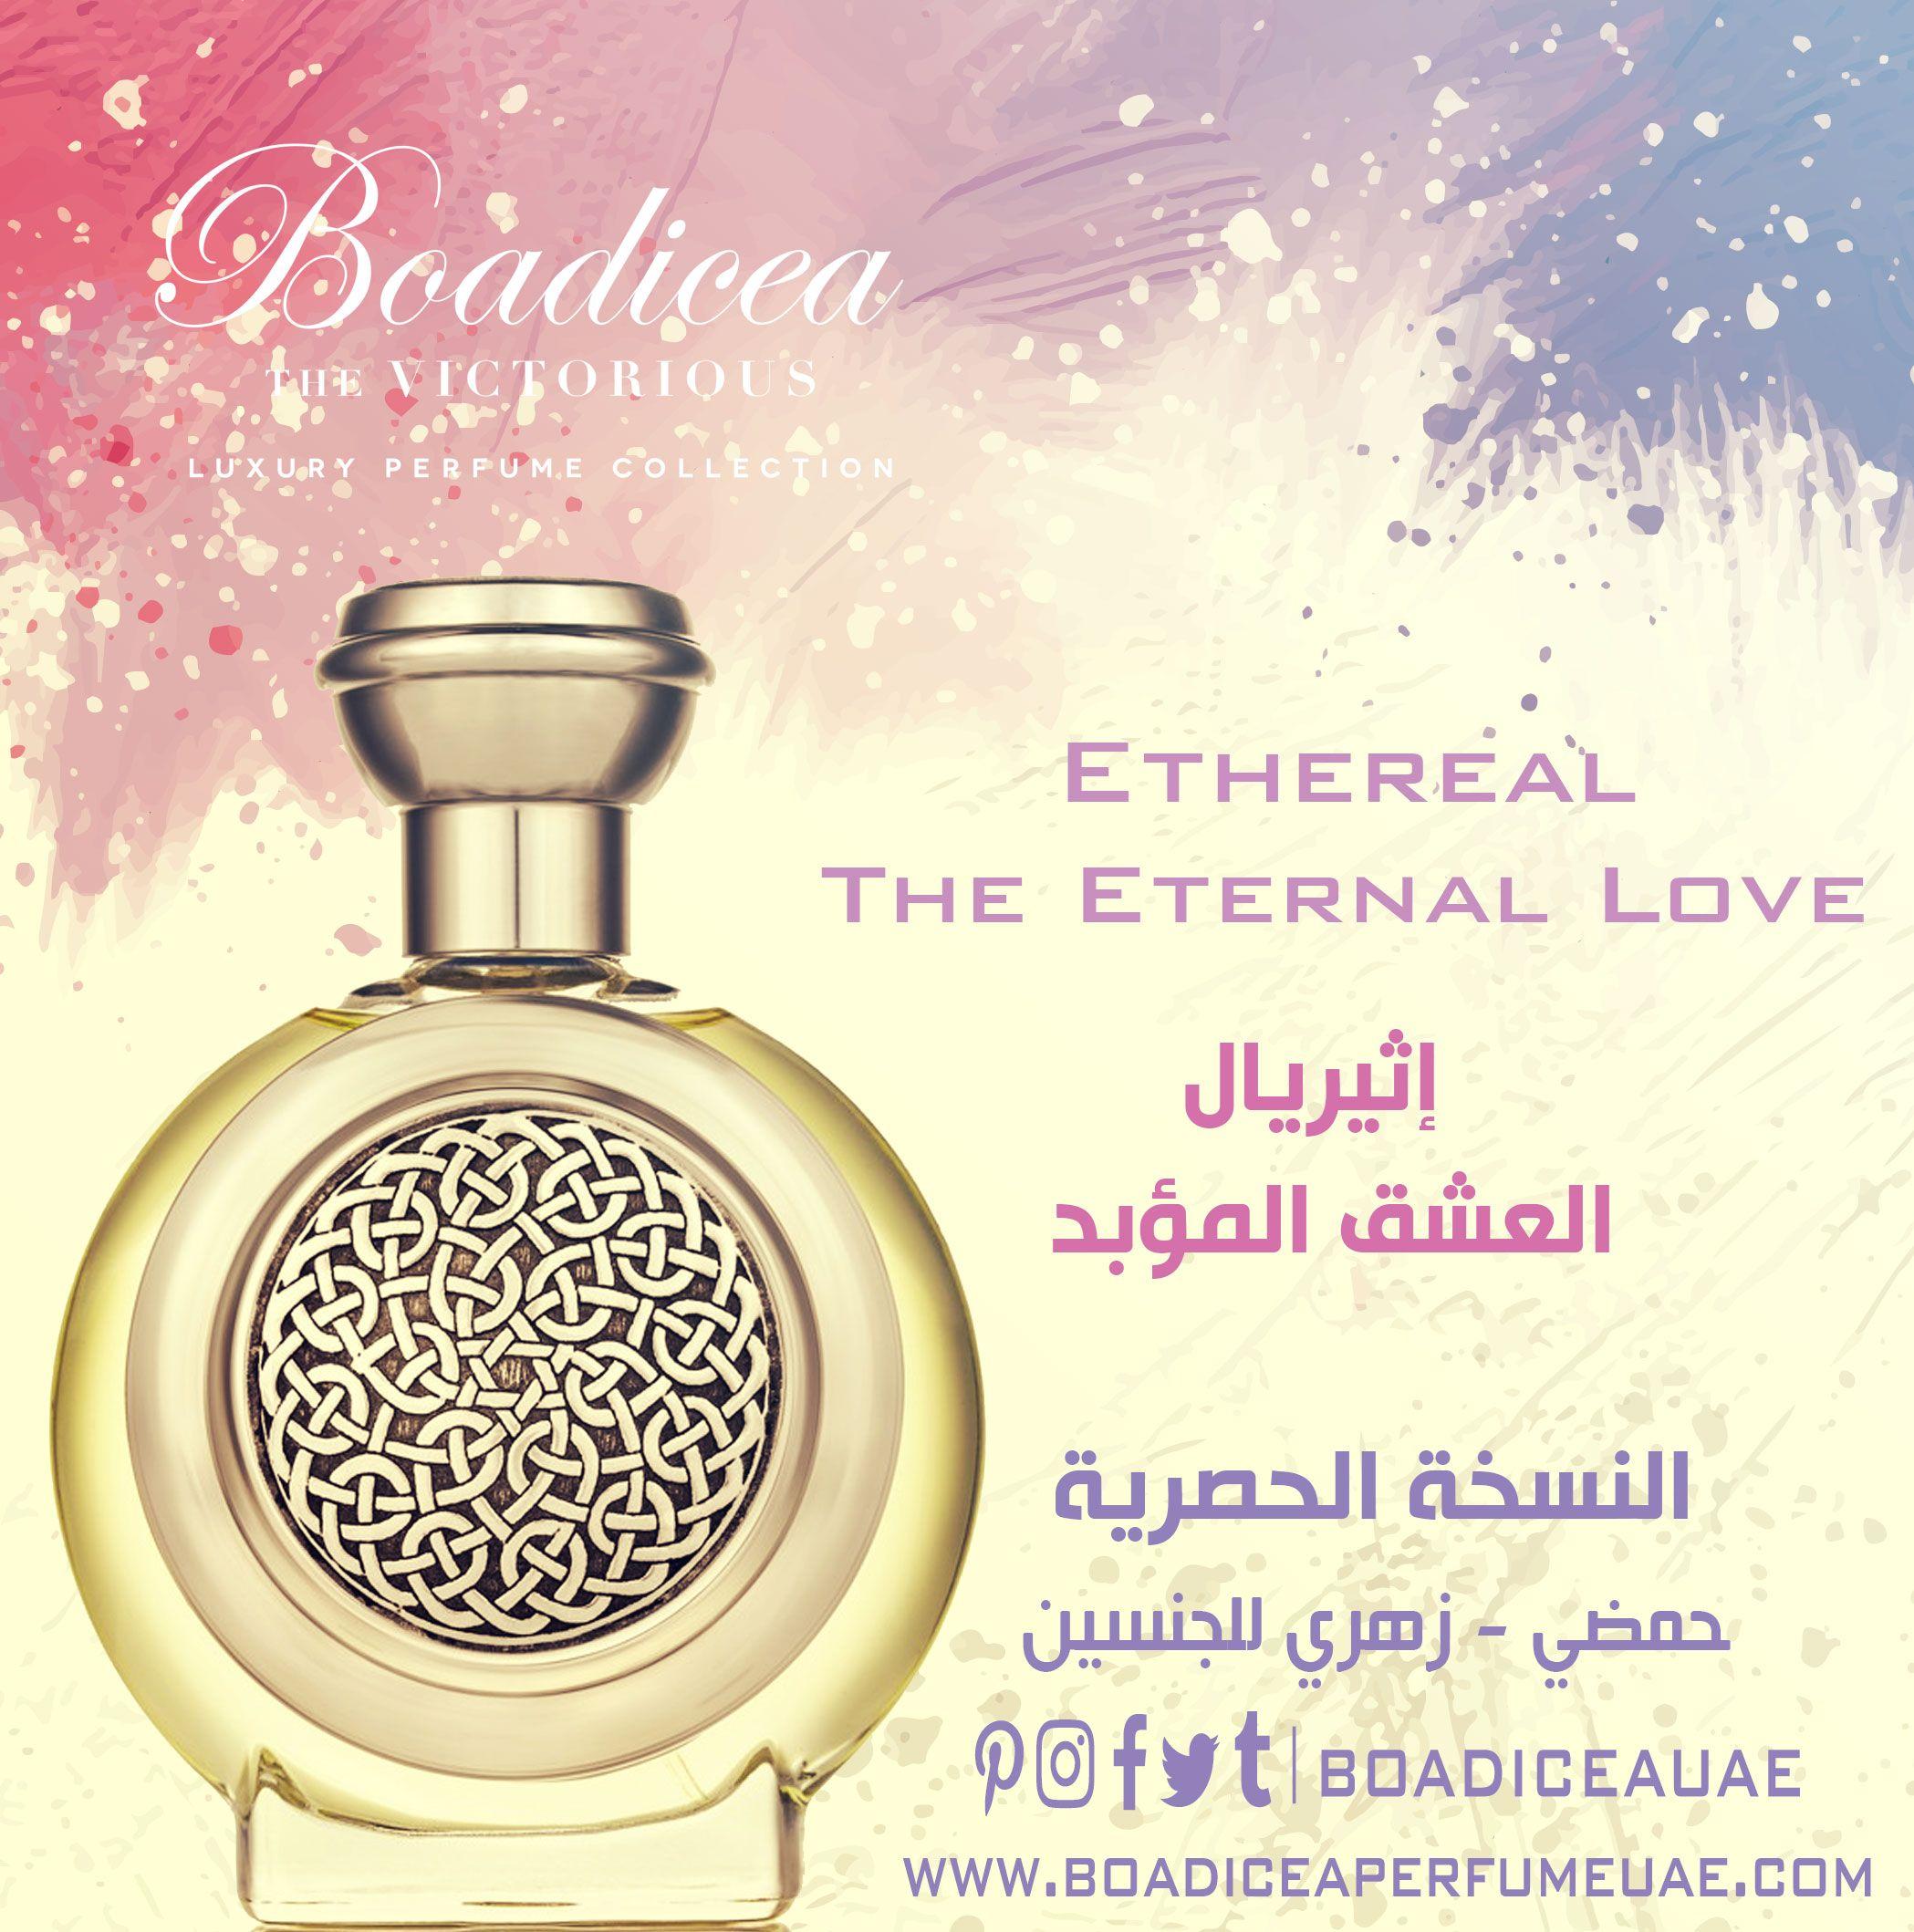 النسخة الحصرية Ethereal اثيريال العطر الأكثر فخامة حصريا من متجر بوديسيا الامارات ياس مول Boadiceauae Boadiceat Perfume Bottles Scents Perfume